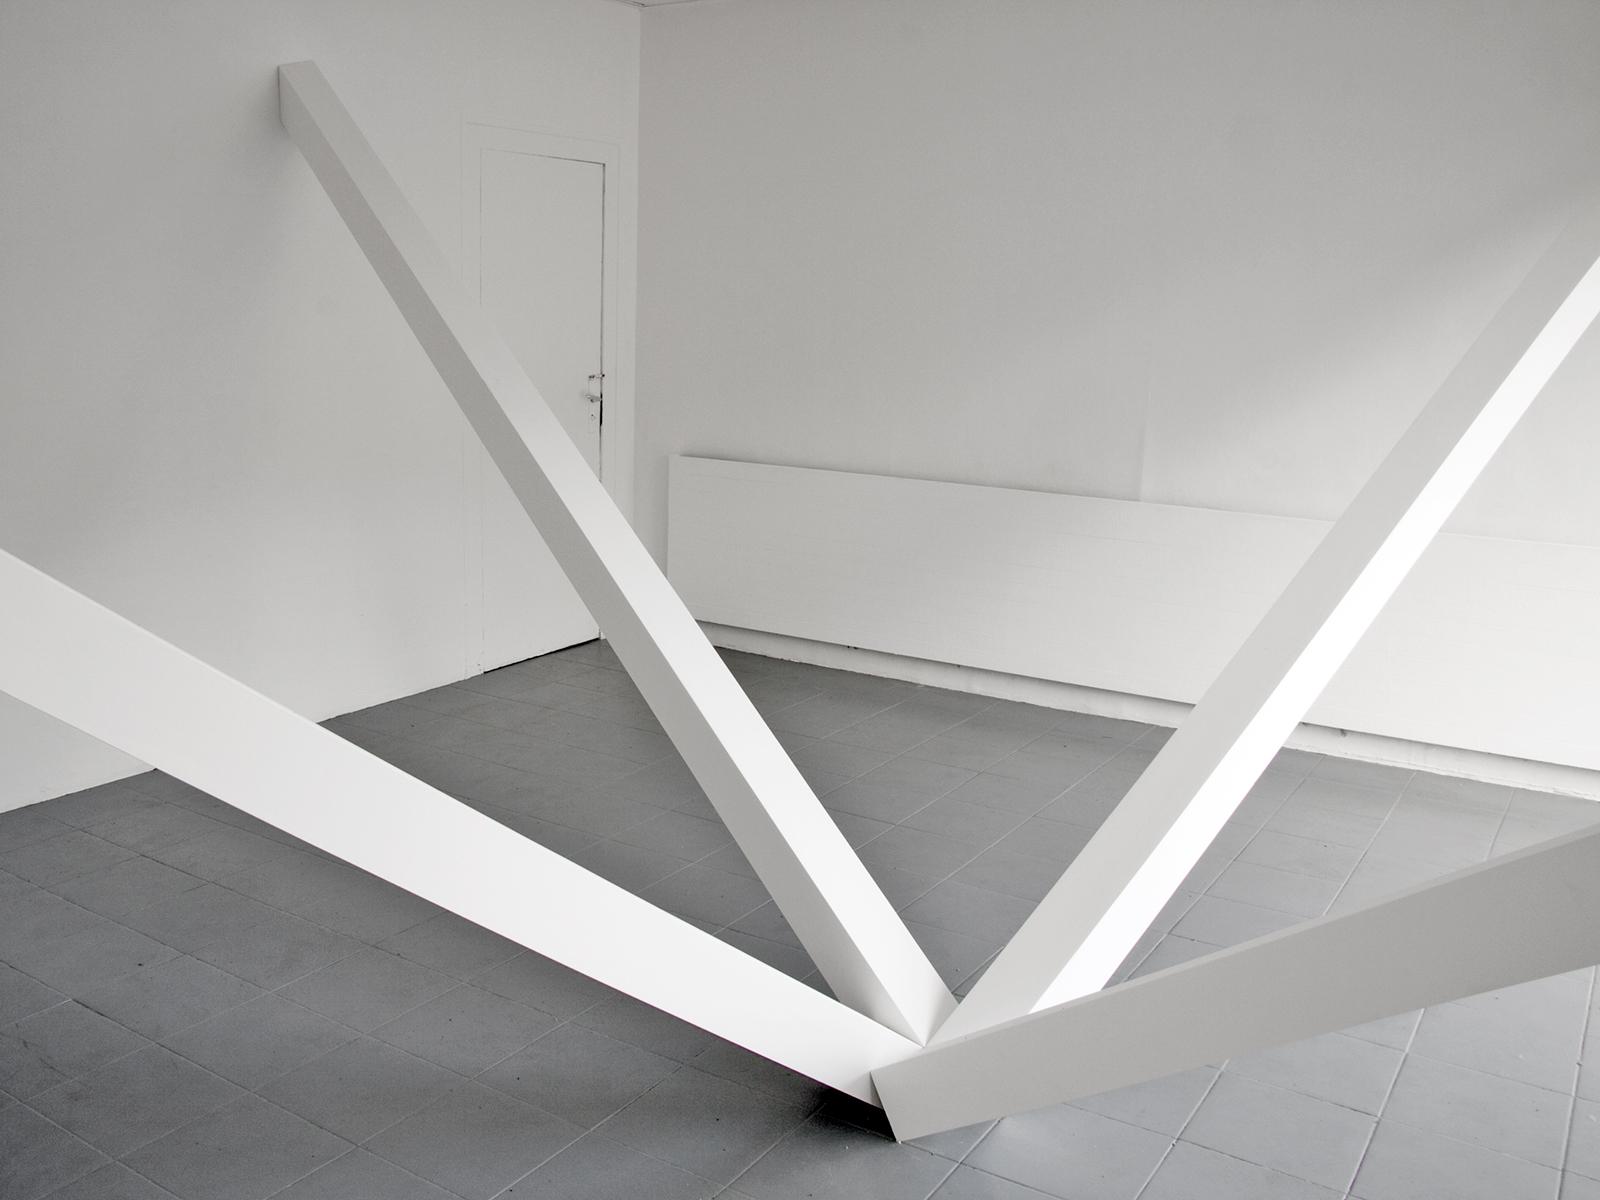 Benoit-Delaunay-artiste-installations-2010-Une Sculpture-13